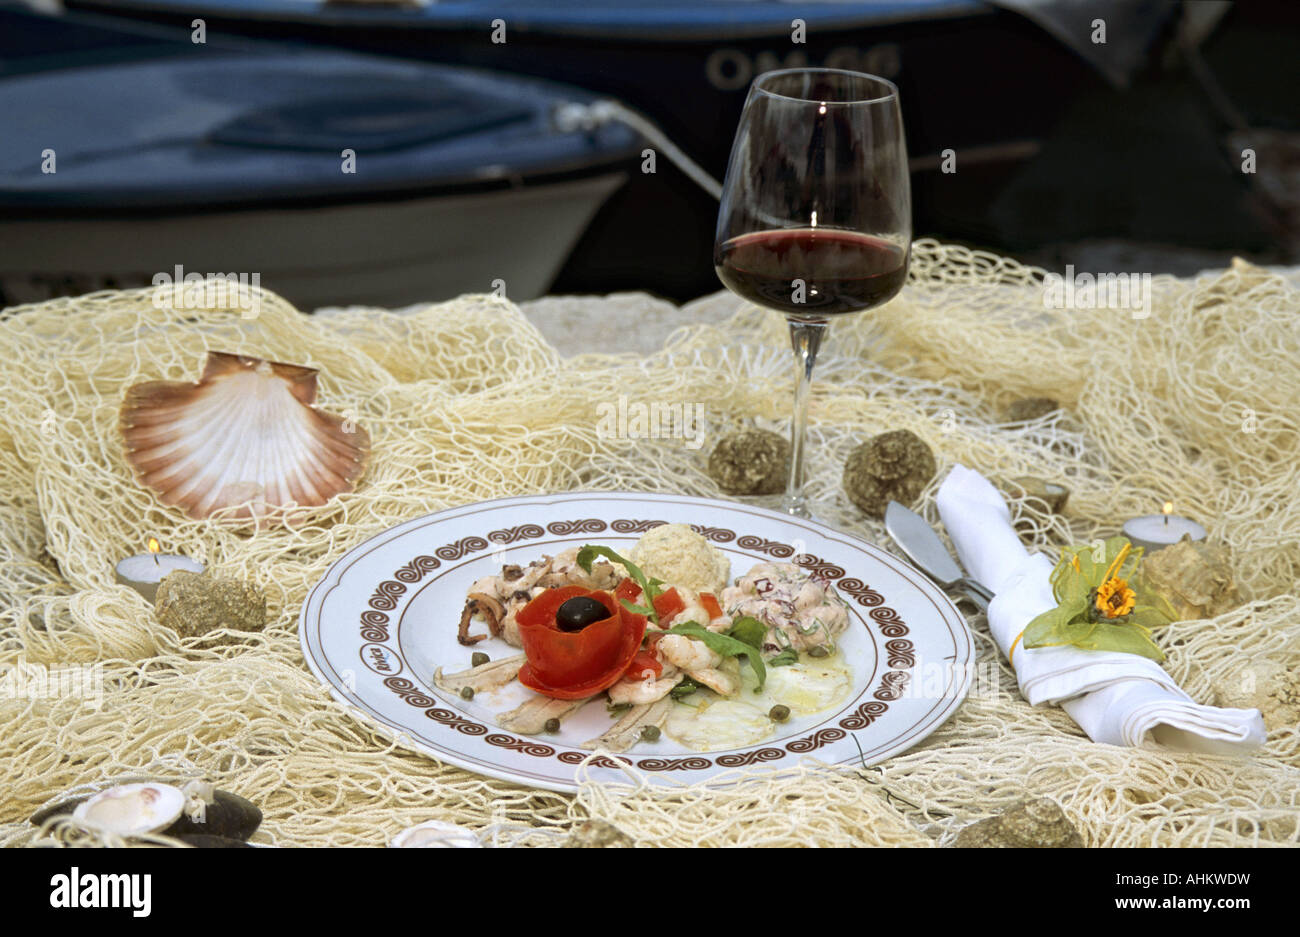 HRV Kroatien Krk Spezialitaeten Restaurant Rivica in Njivice Insel Krk Croatia Specialities Restaurant Rivica Njivice Stock Photo